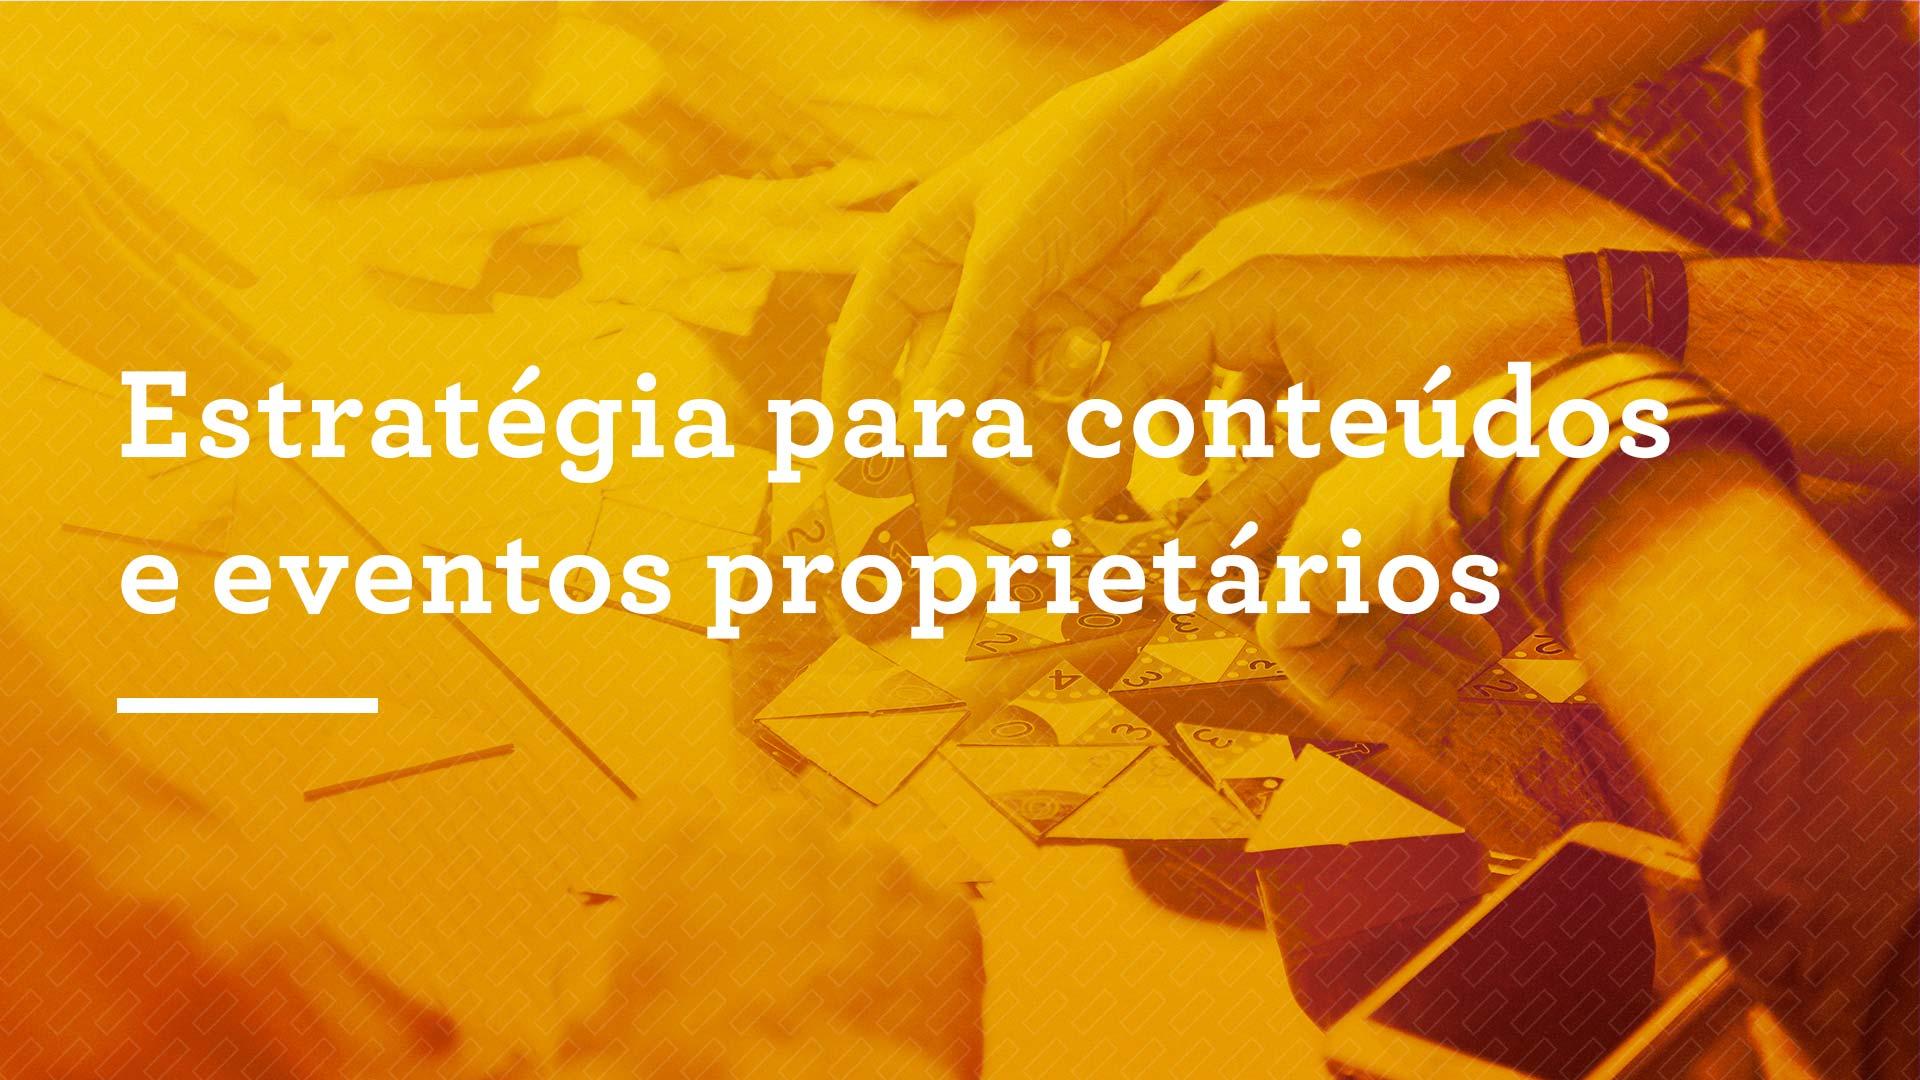 Estratégia para conteúdos e eventos proprietários